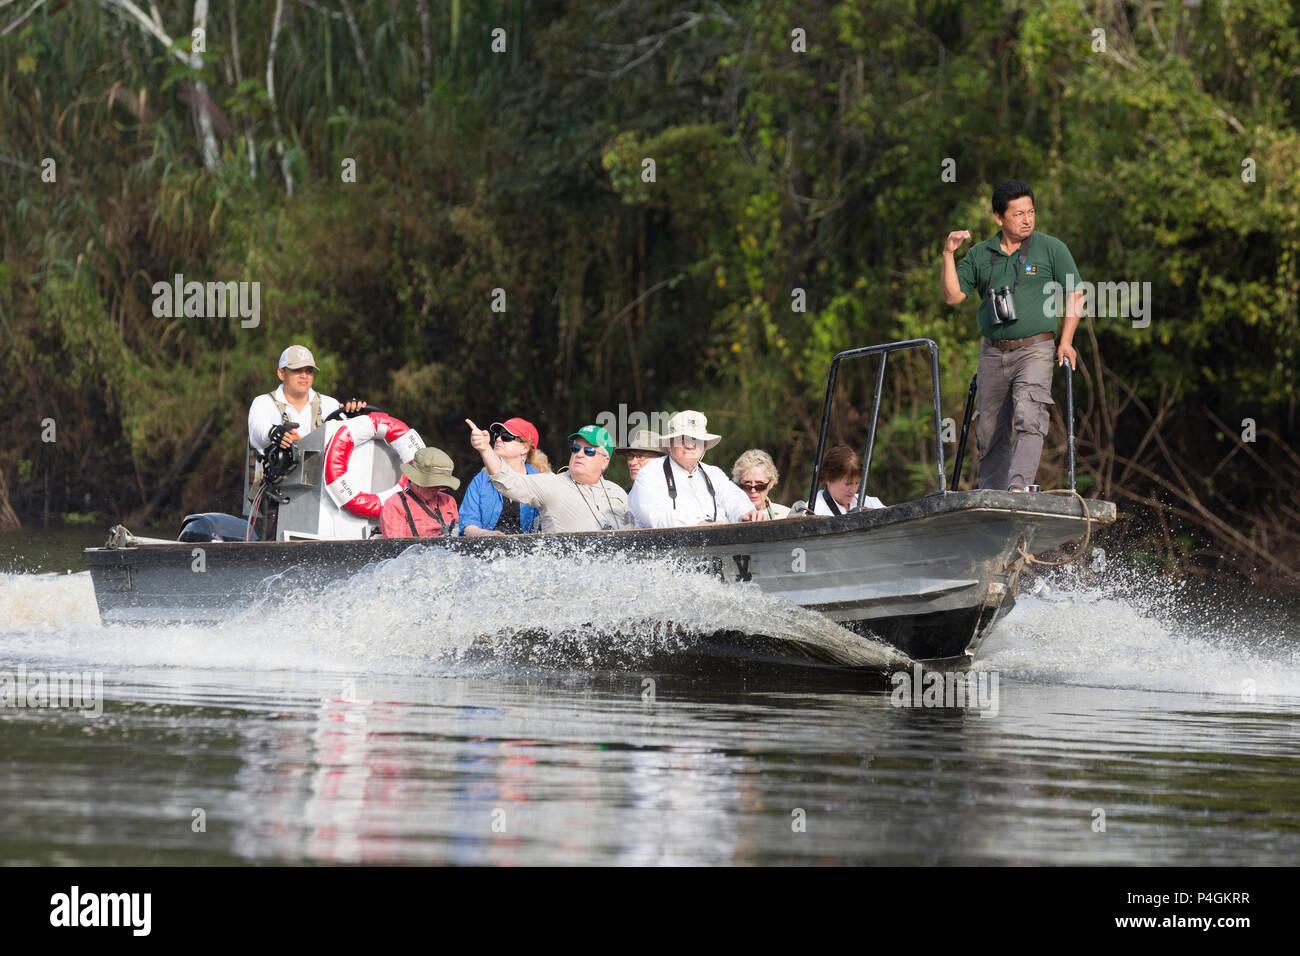 Lindblad Expeditions guests exploring the El Dorado Caño, Ucayali River, Loreto, Peru - Stock Image